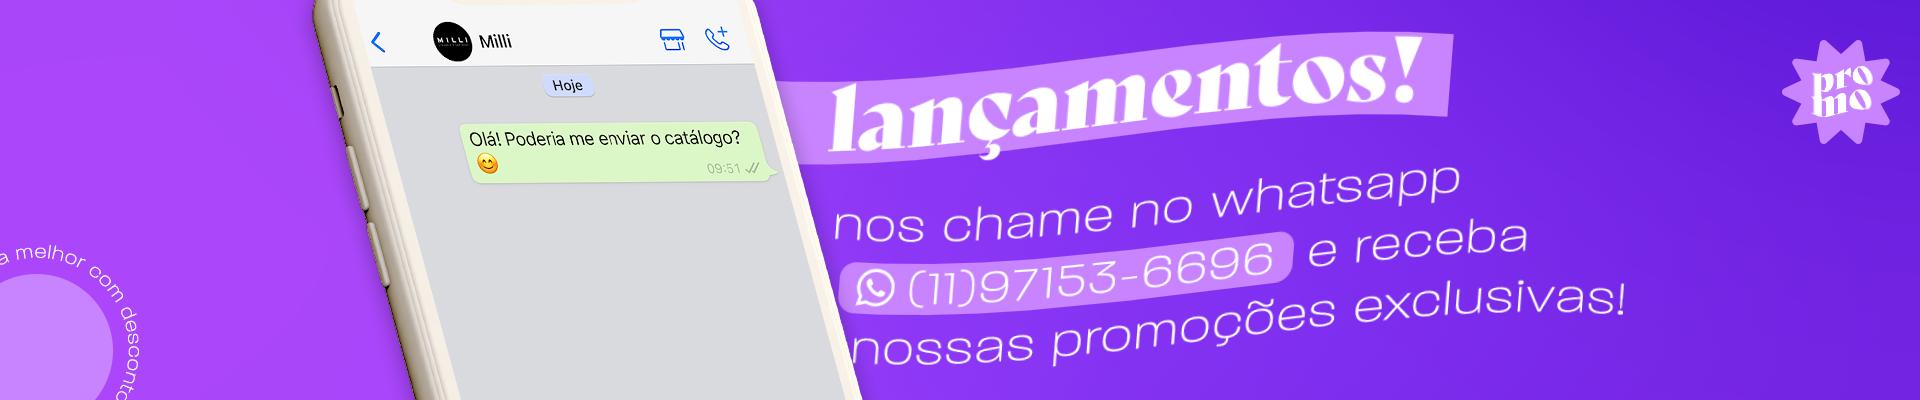 #lancamentos-whats